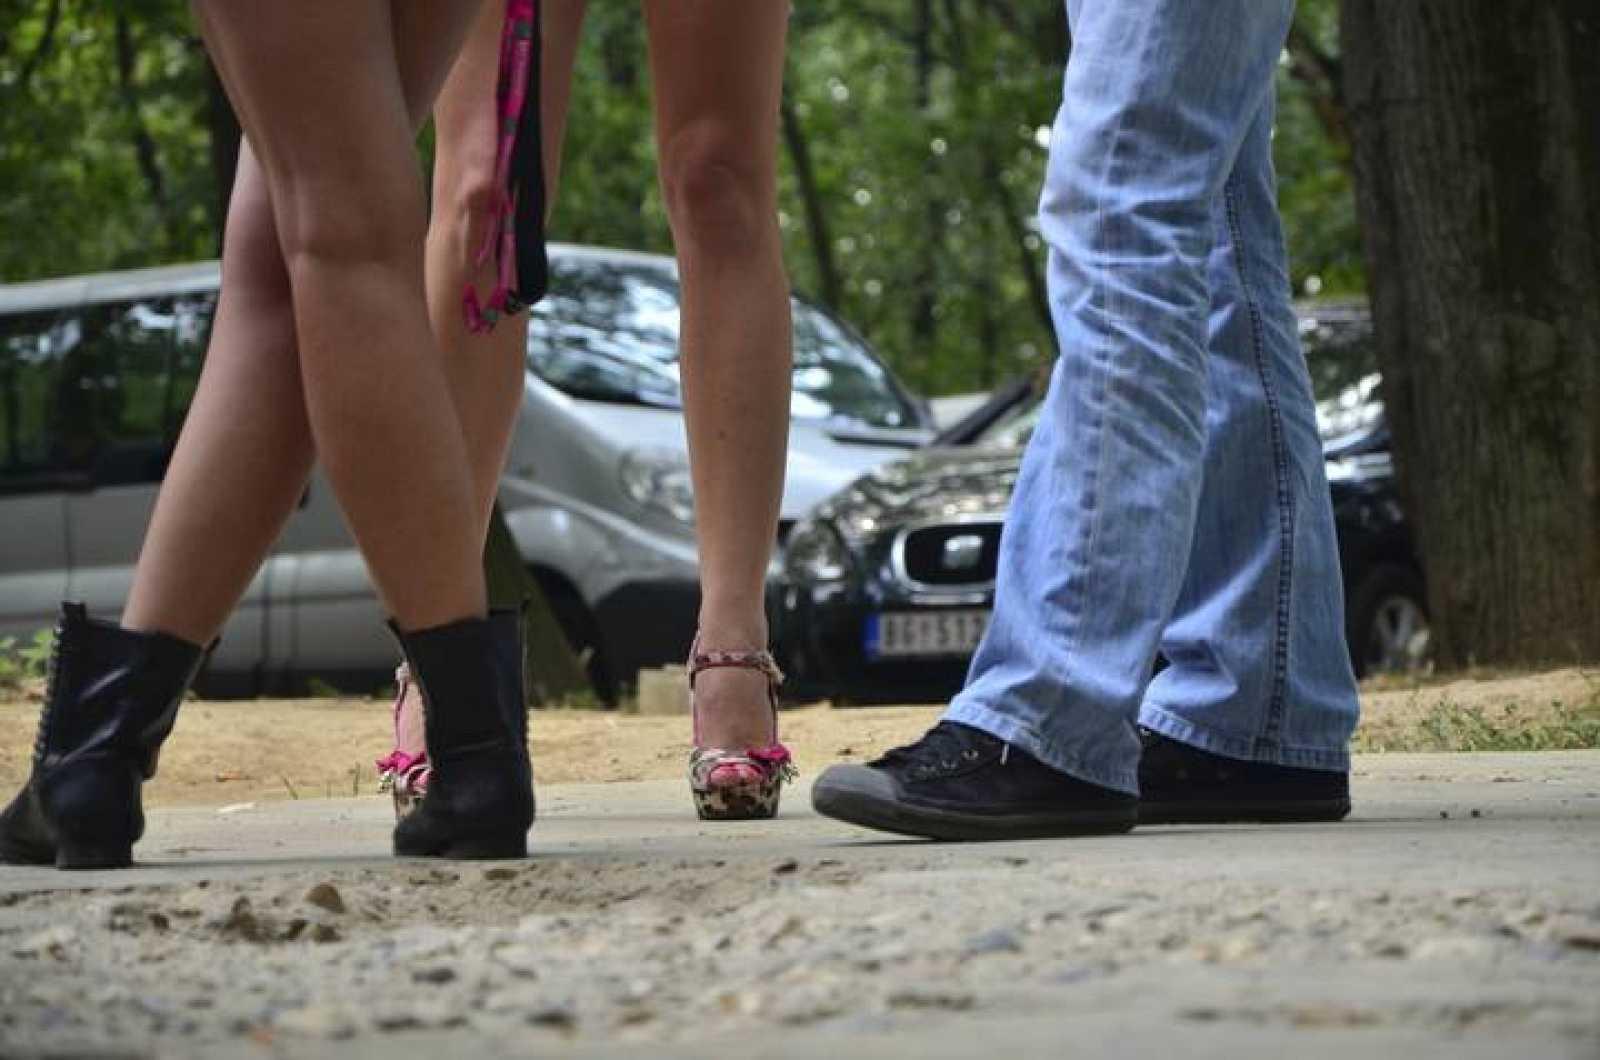 Un cliente habla con dos prostitutas en la calle